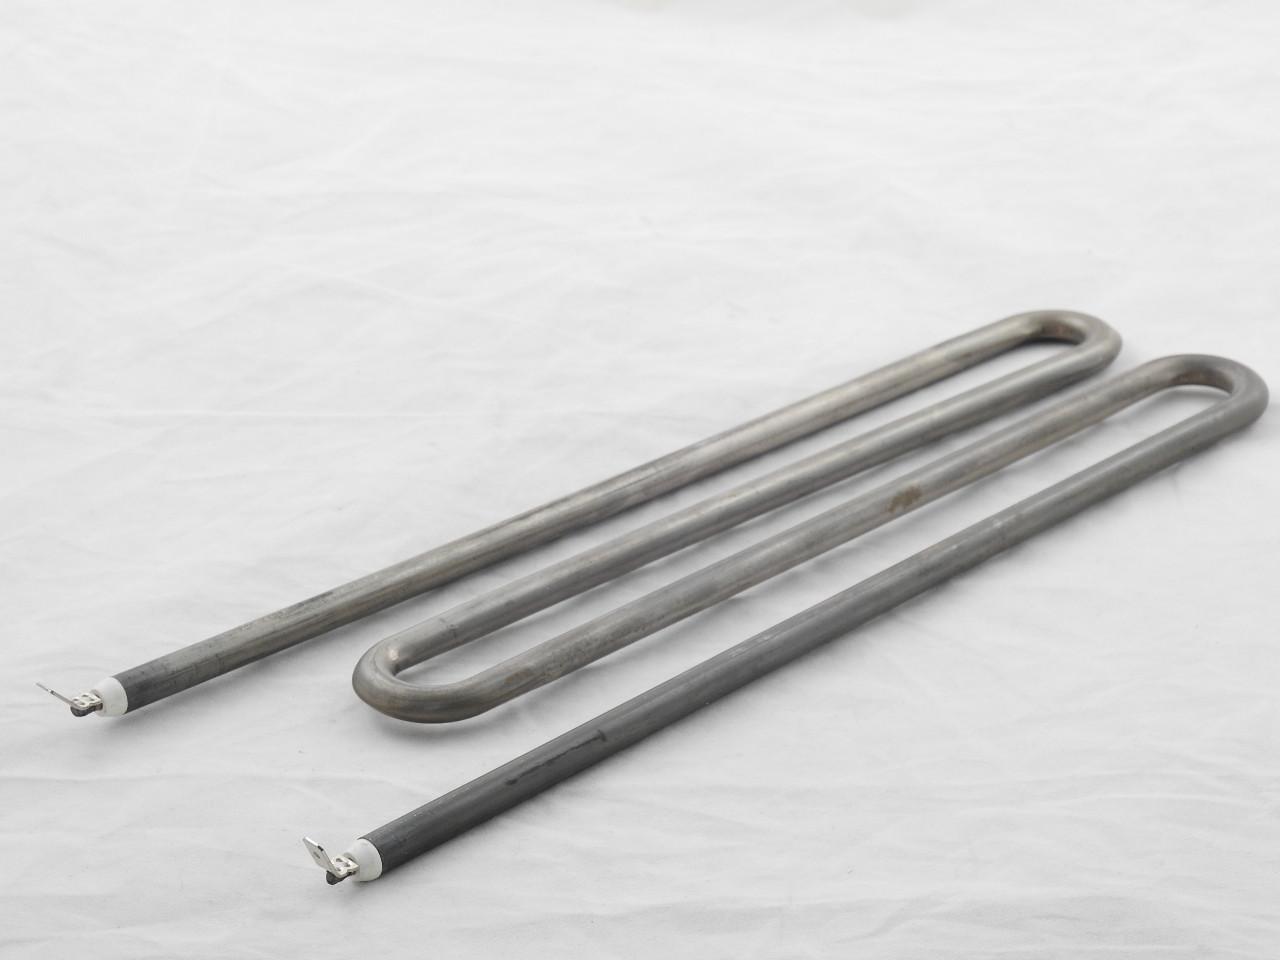 Тэн для стиральных машин Miele 3000W L=300 мм. расстояние между контактами 8 см.